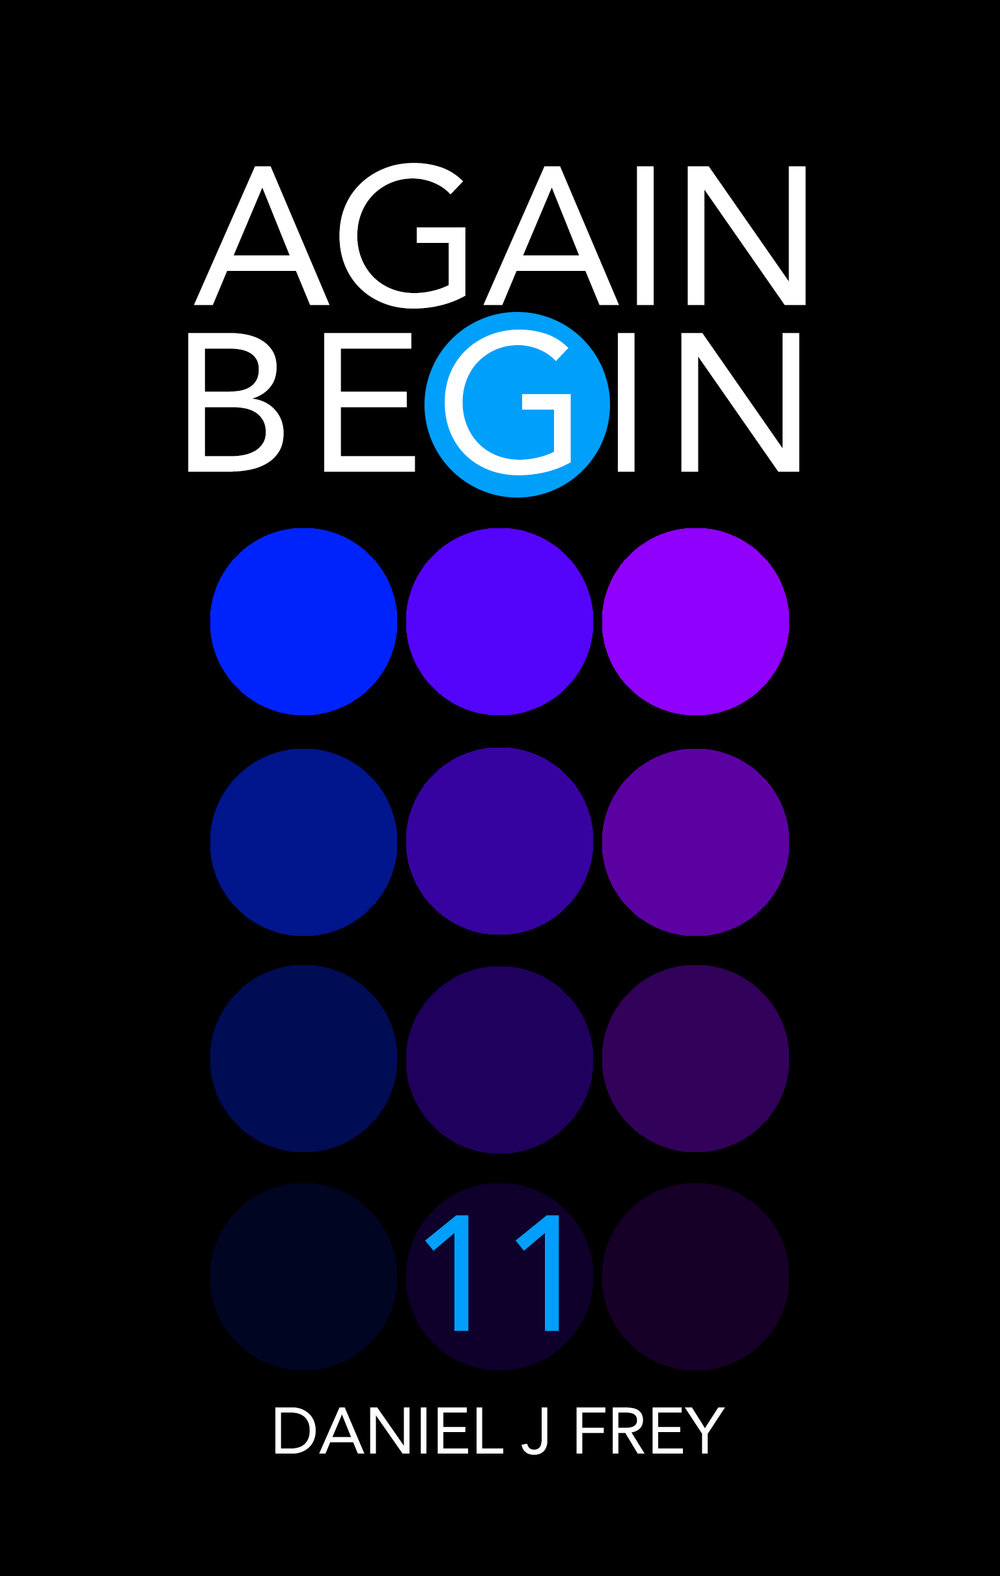 Again Begin 11 - Day One